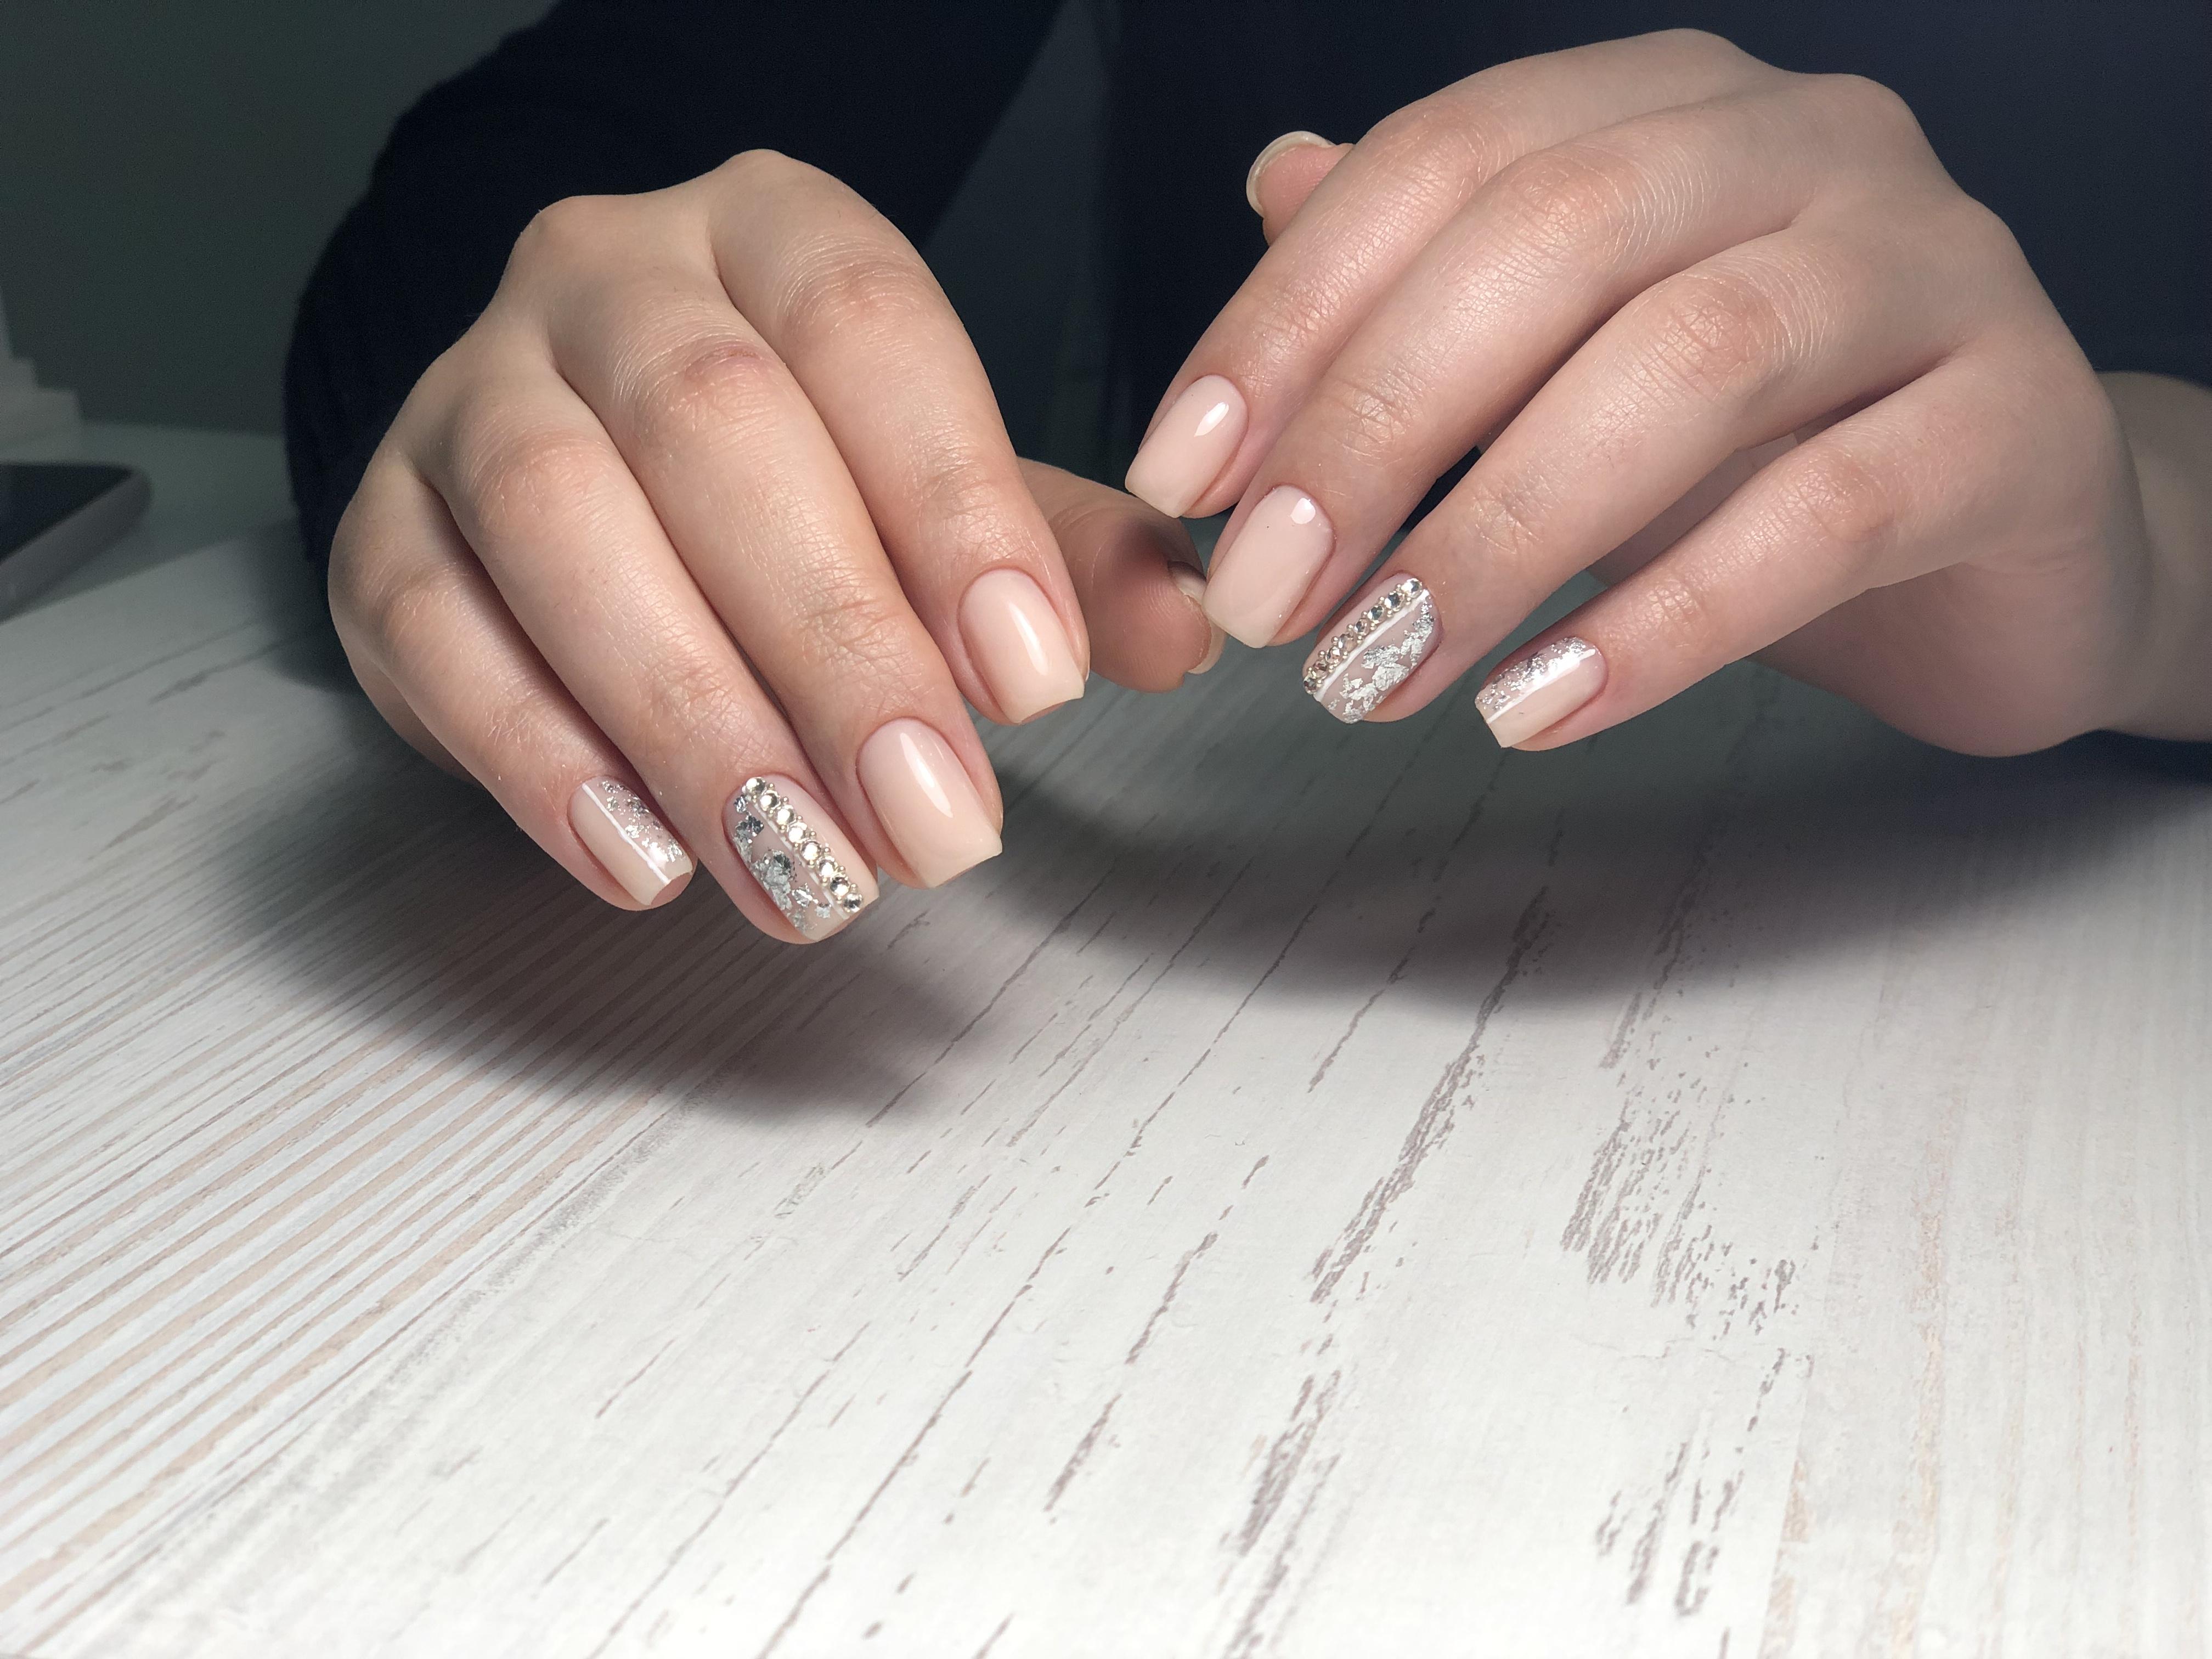 Нюдовый маникюр с серебряной фольгой и стразами на короткие ногти.